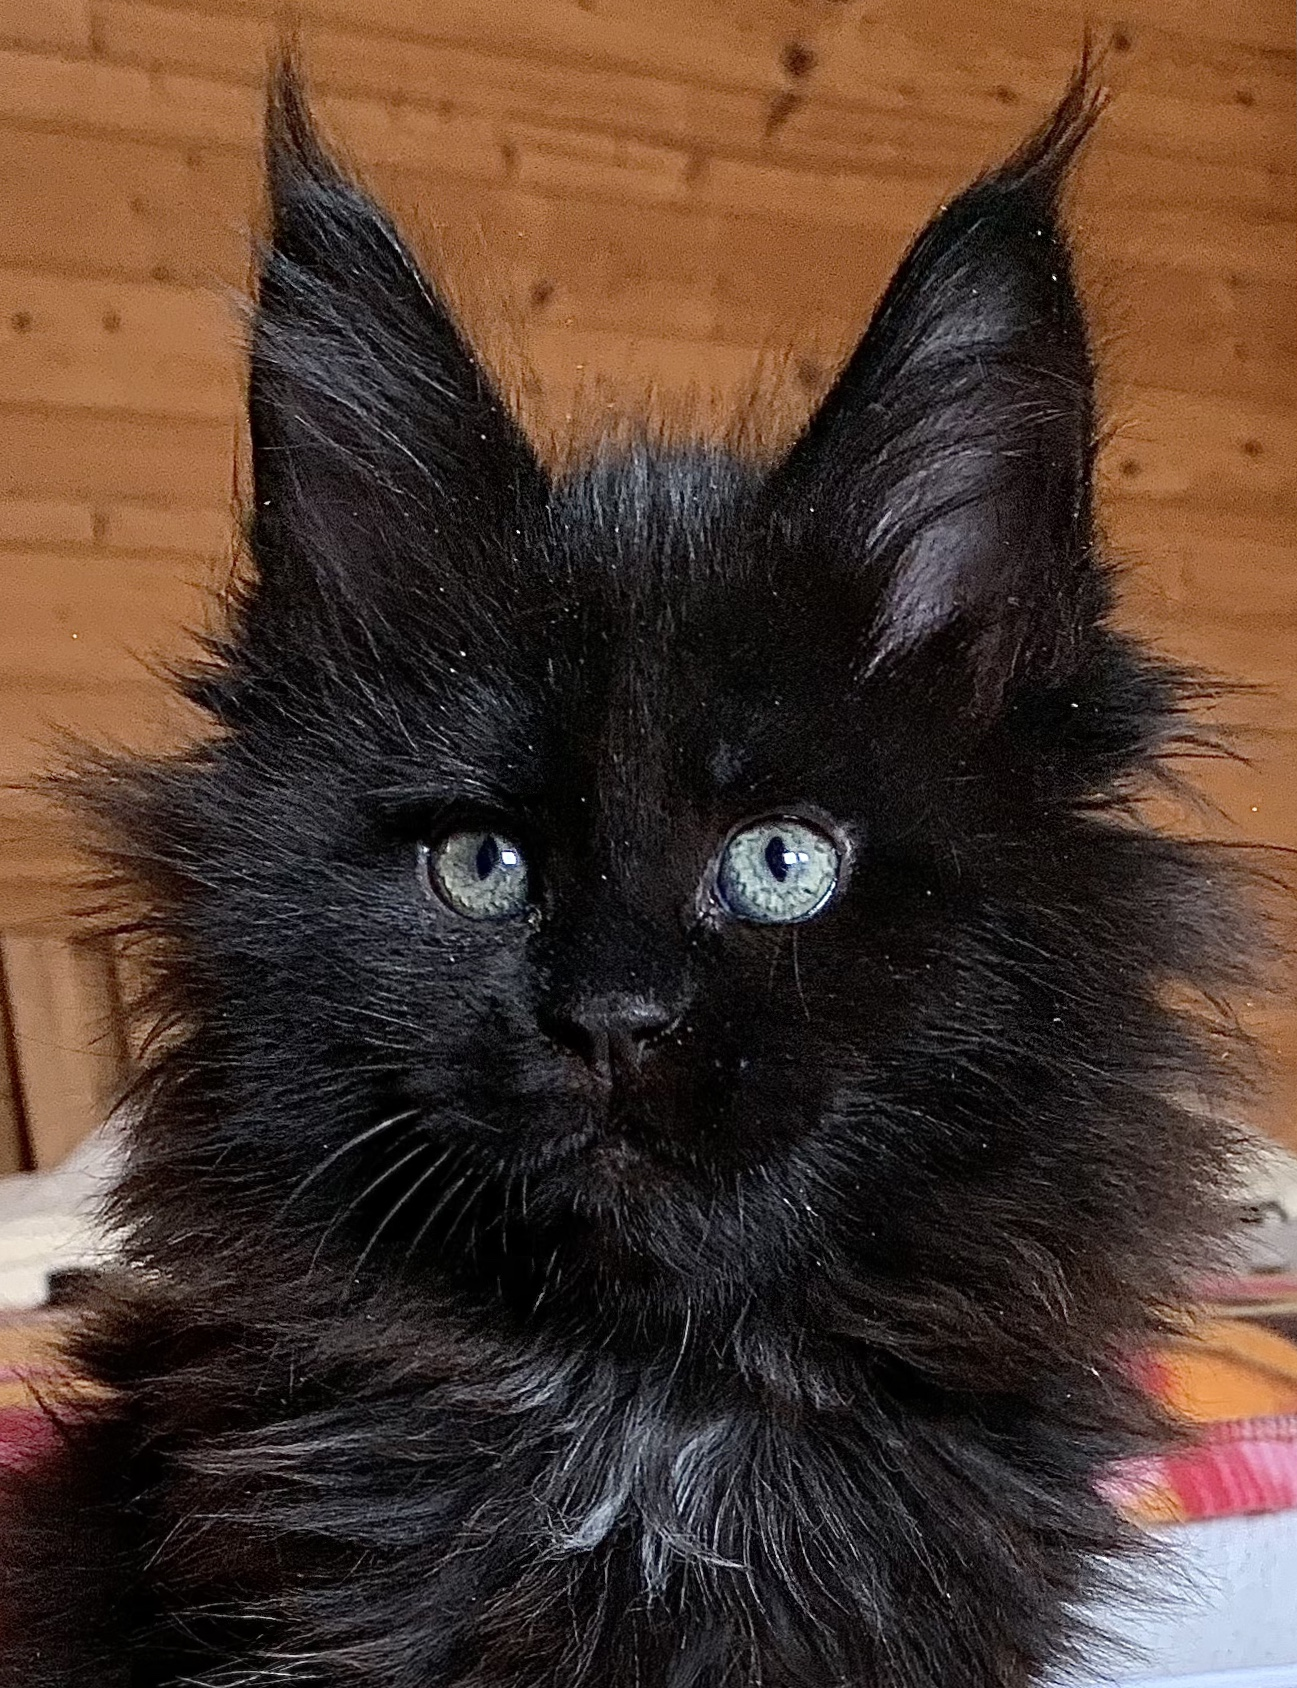 fotka kočky MAMBA VON ERILLIAN,CZ